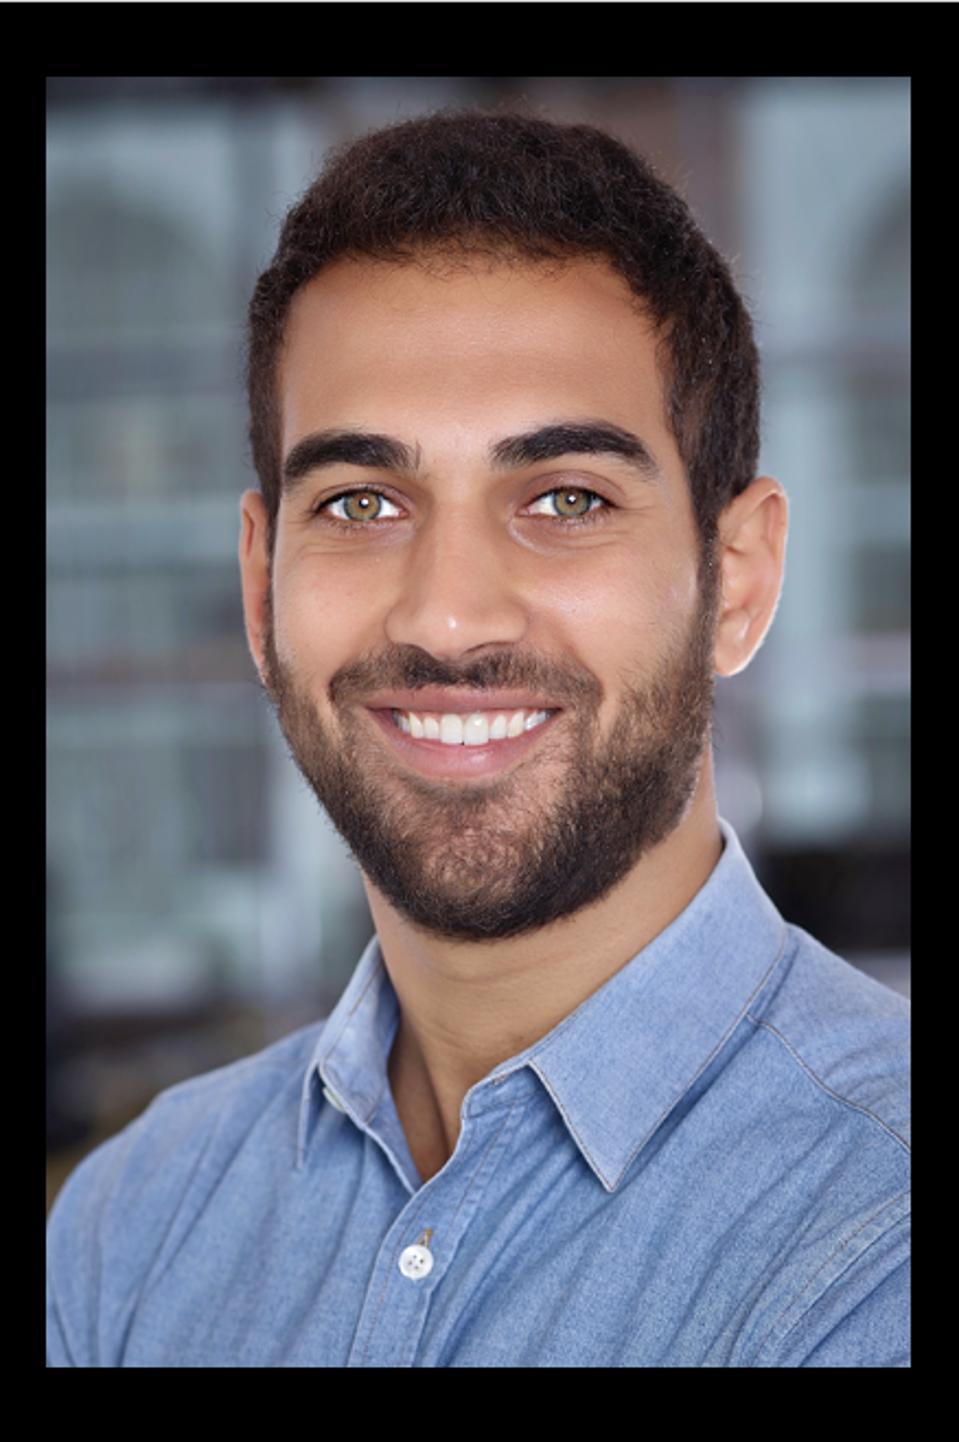 Kareem Zaki